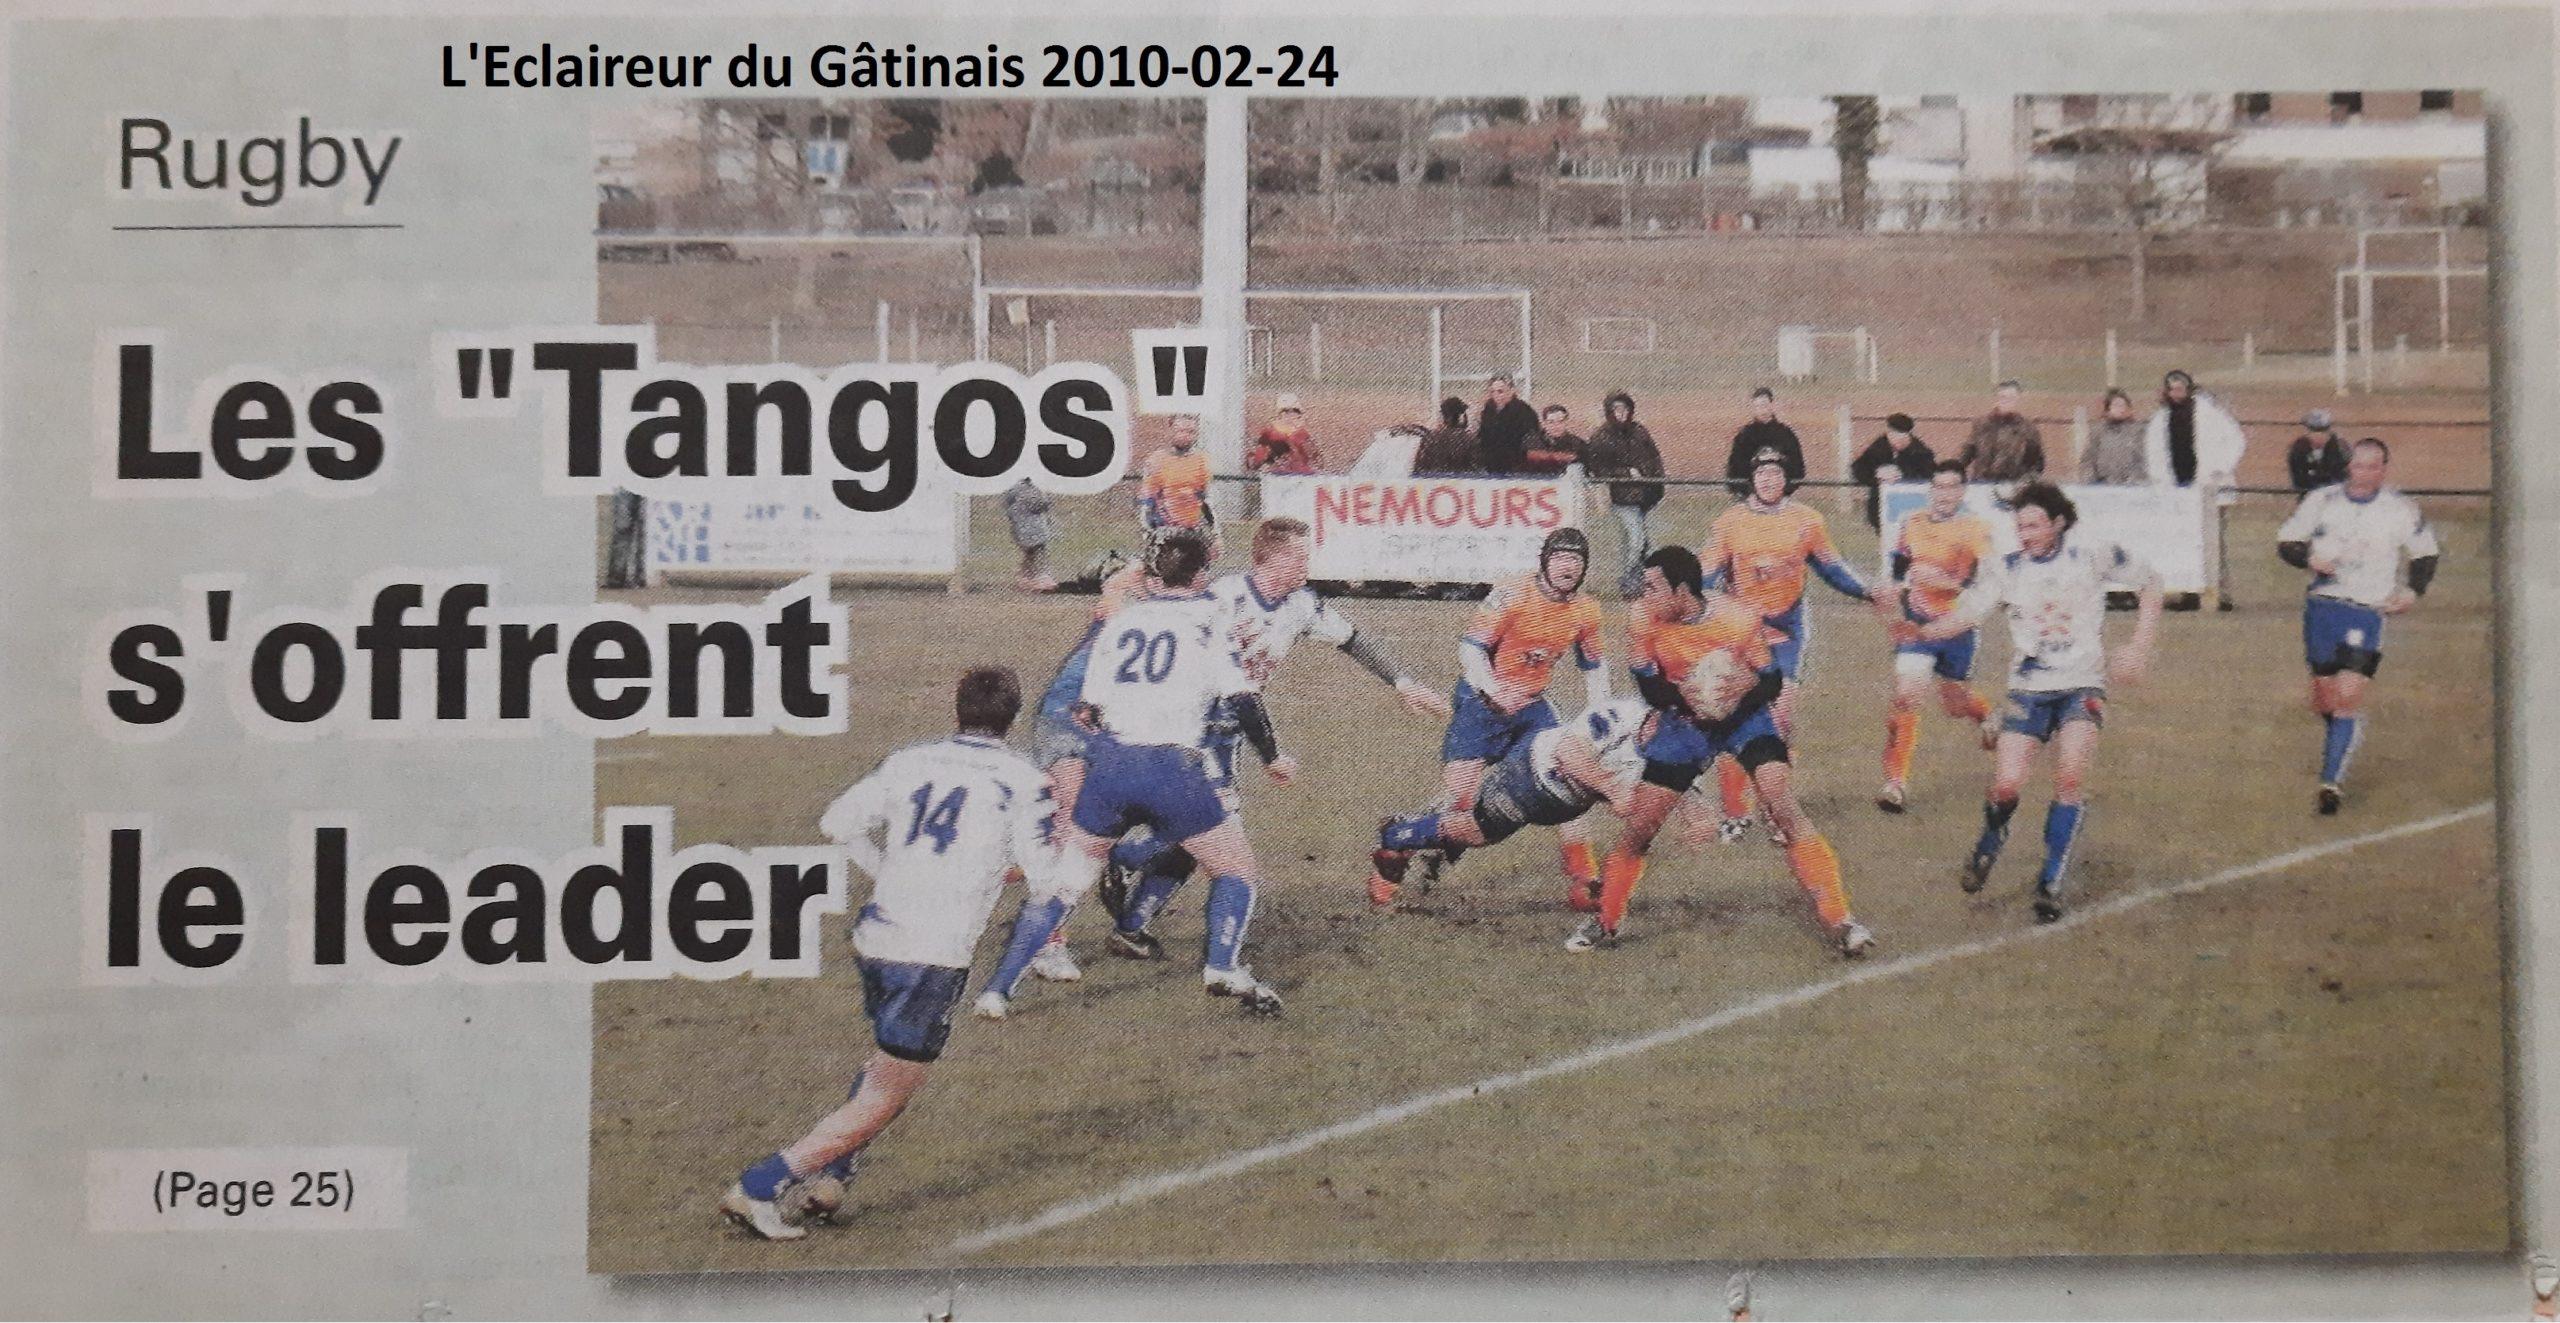 Eclaireur du Gâtinais 2010-02-24